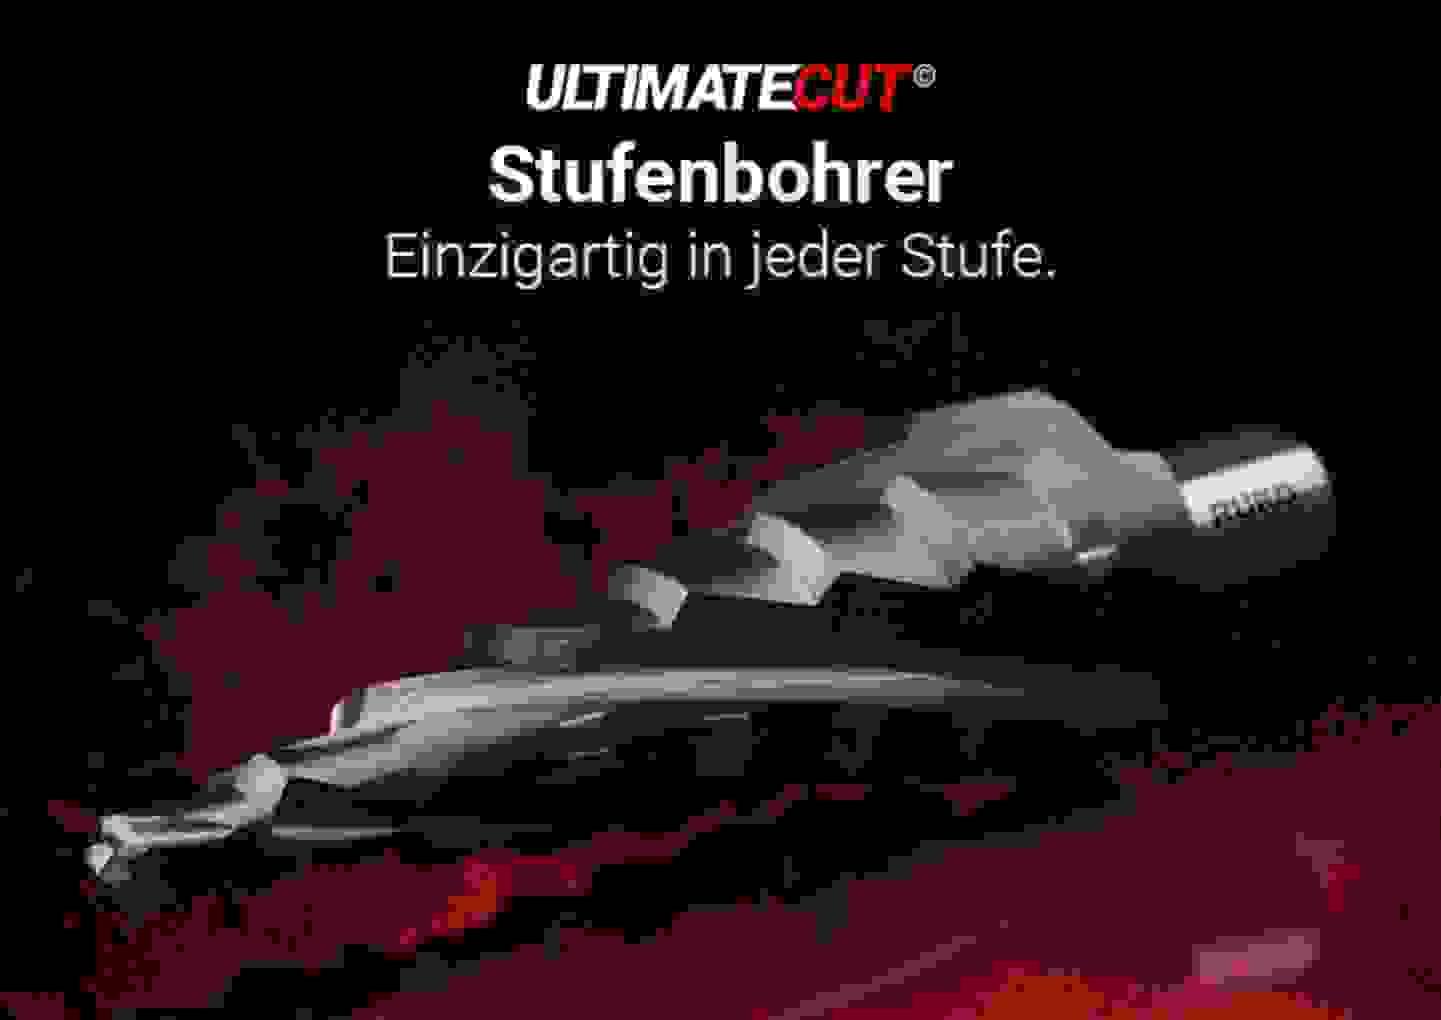 UltimateCut Stufenbohrer